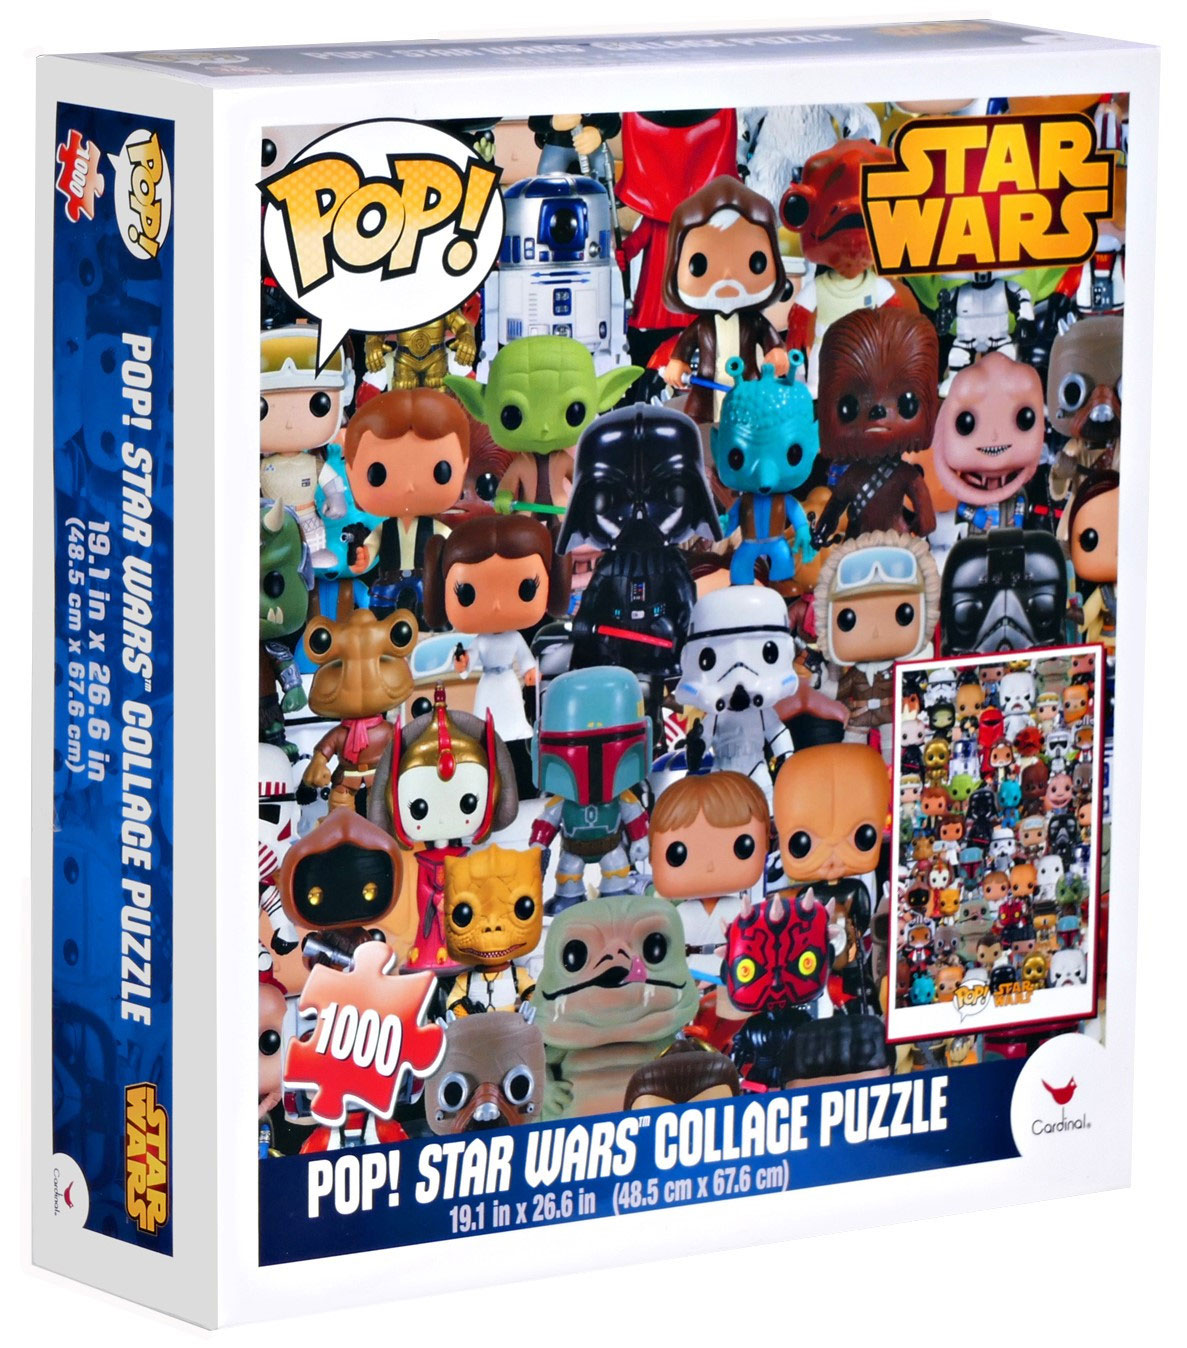 Photo du produit STAR WARS POP! PUZZLE COLLAGE (1000 PIECES)